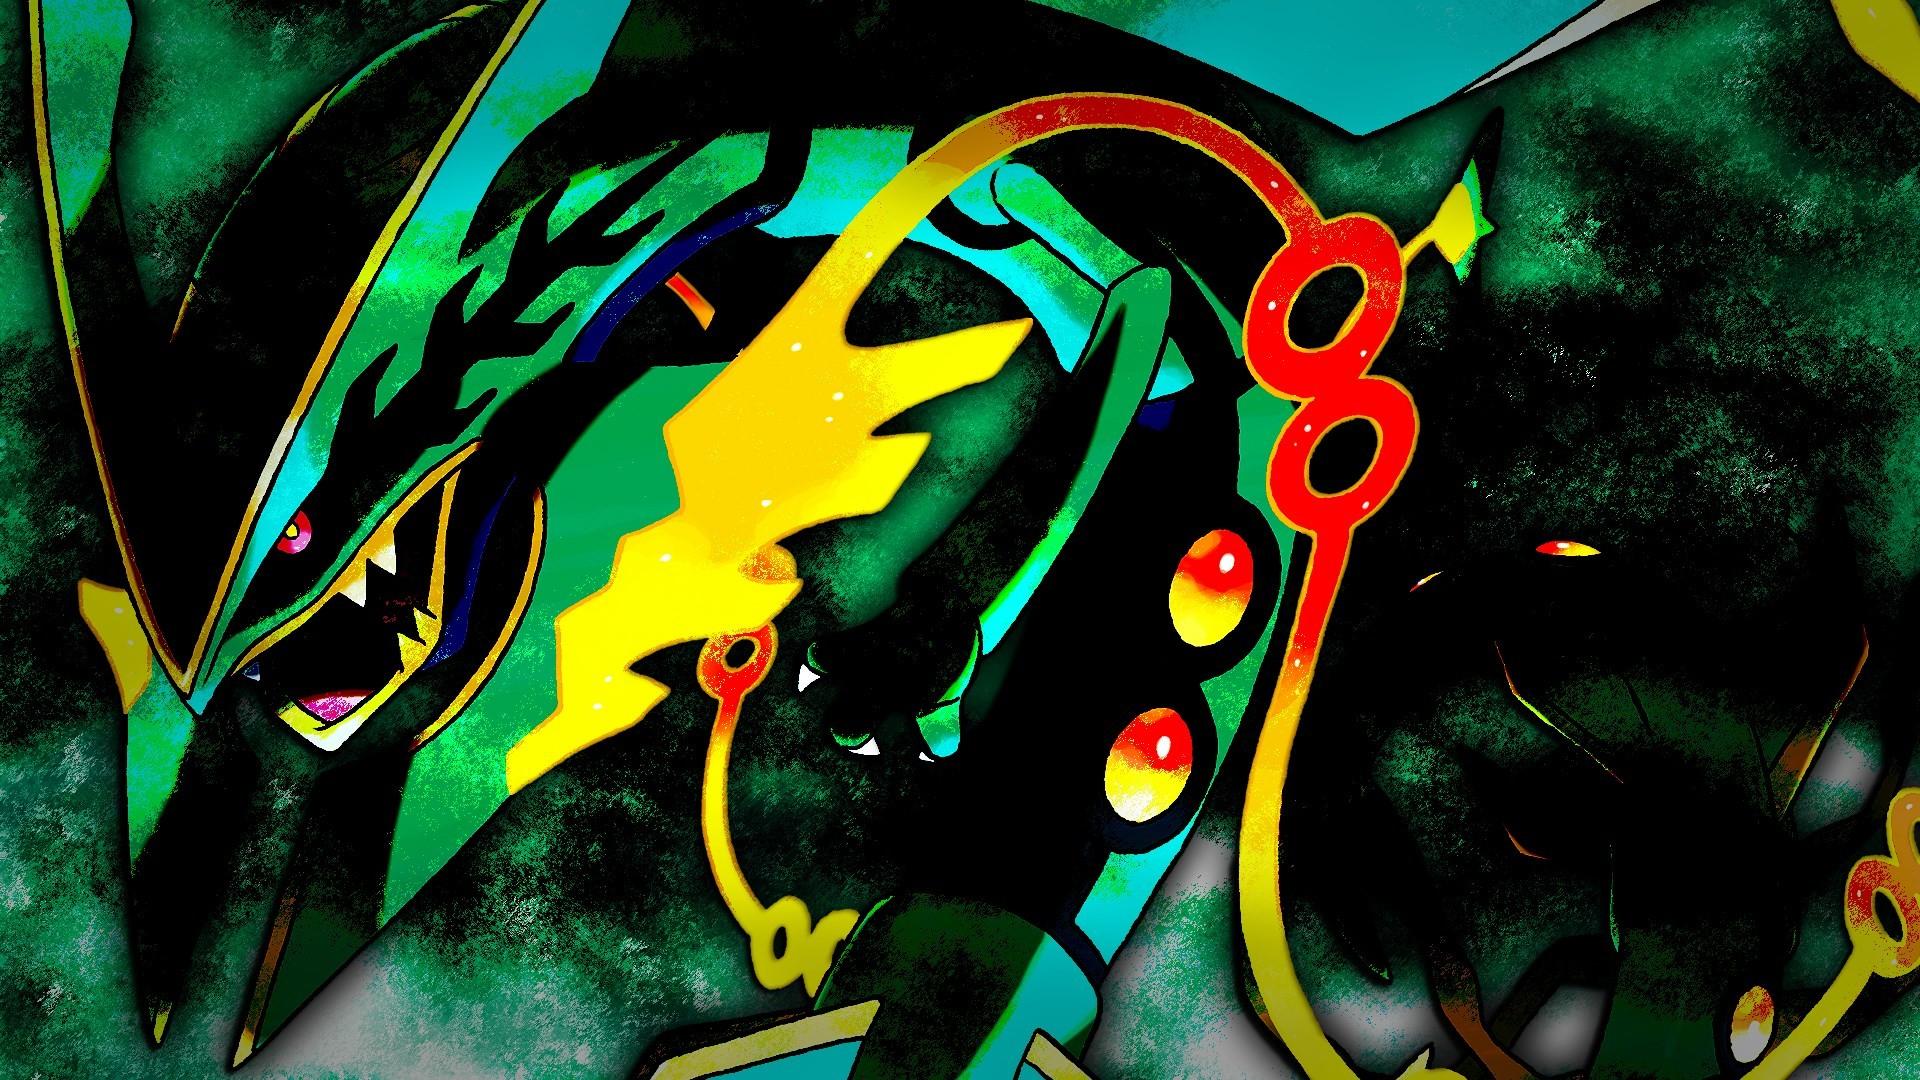 rayquaza mega evolution wallpaper …